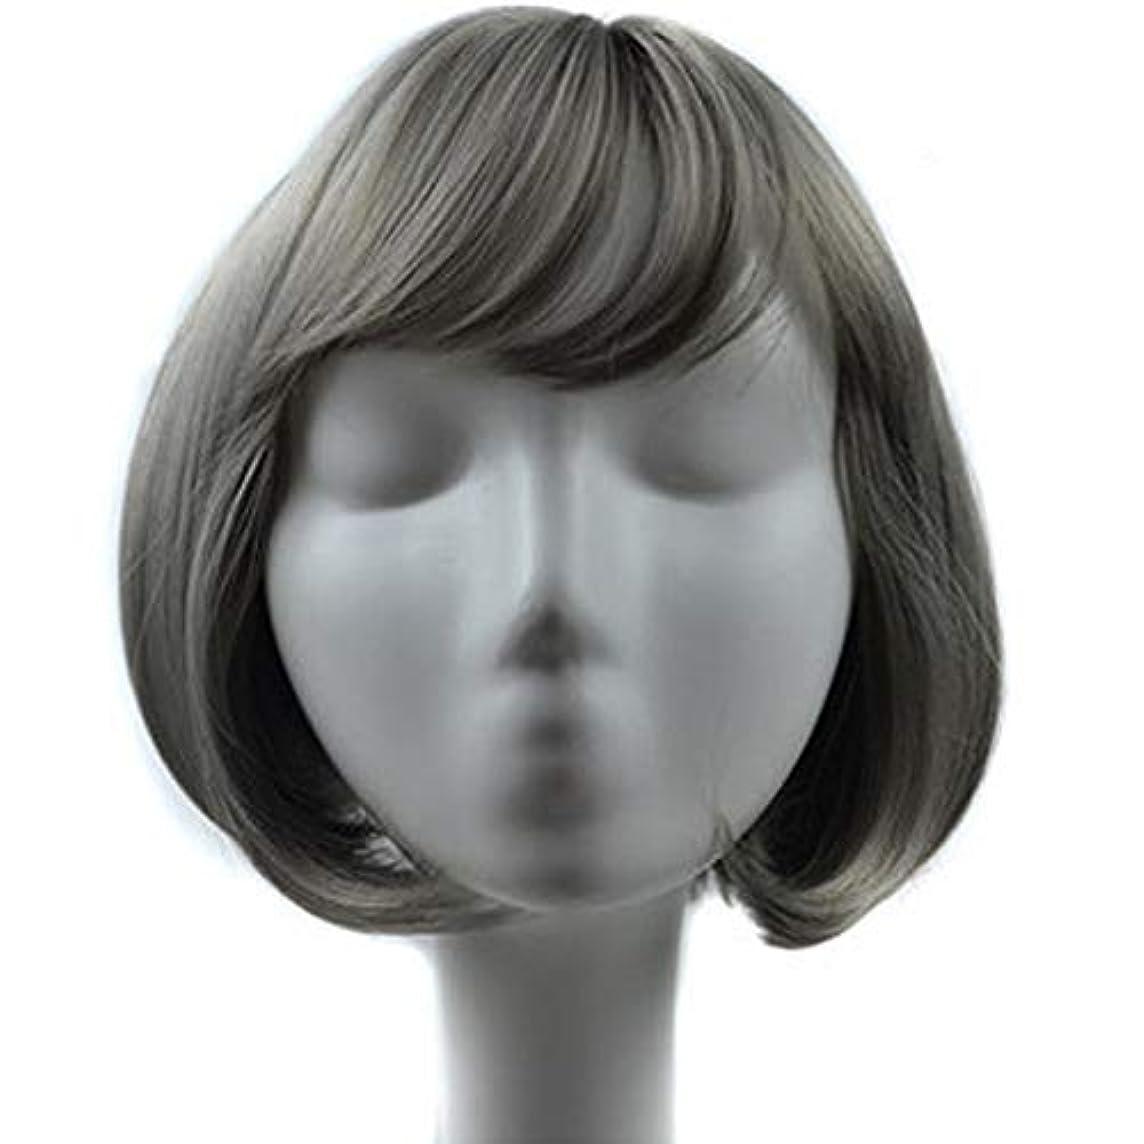 レビュアー体系的に標準Lazayyii女子 かつら エアバン 天然のリアル ヘア前髪エアバンボボヘッドナシウィッグ (グレー)